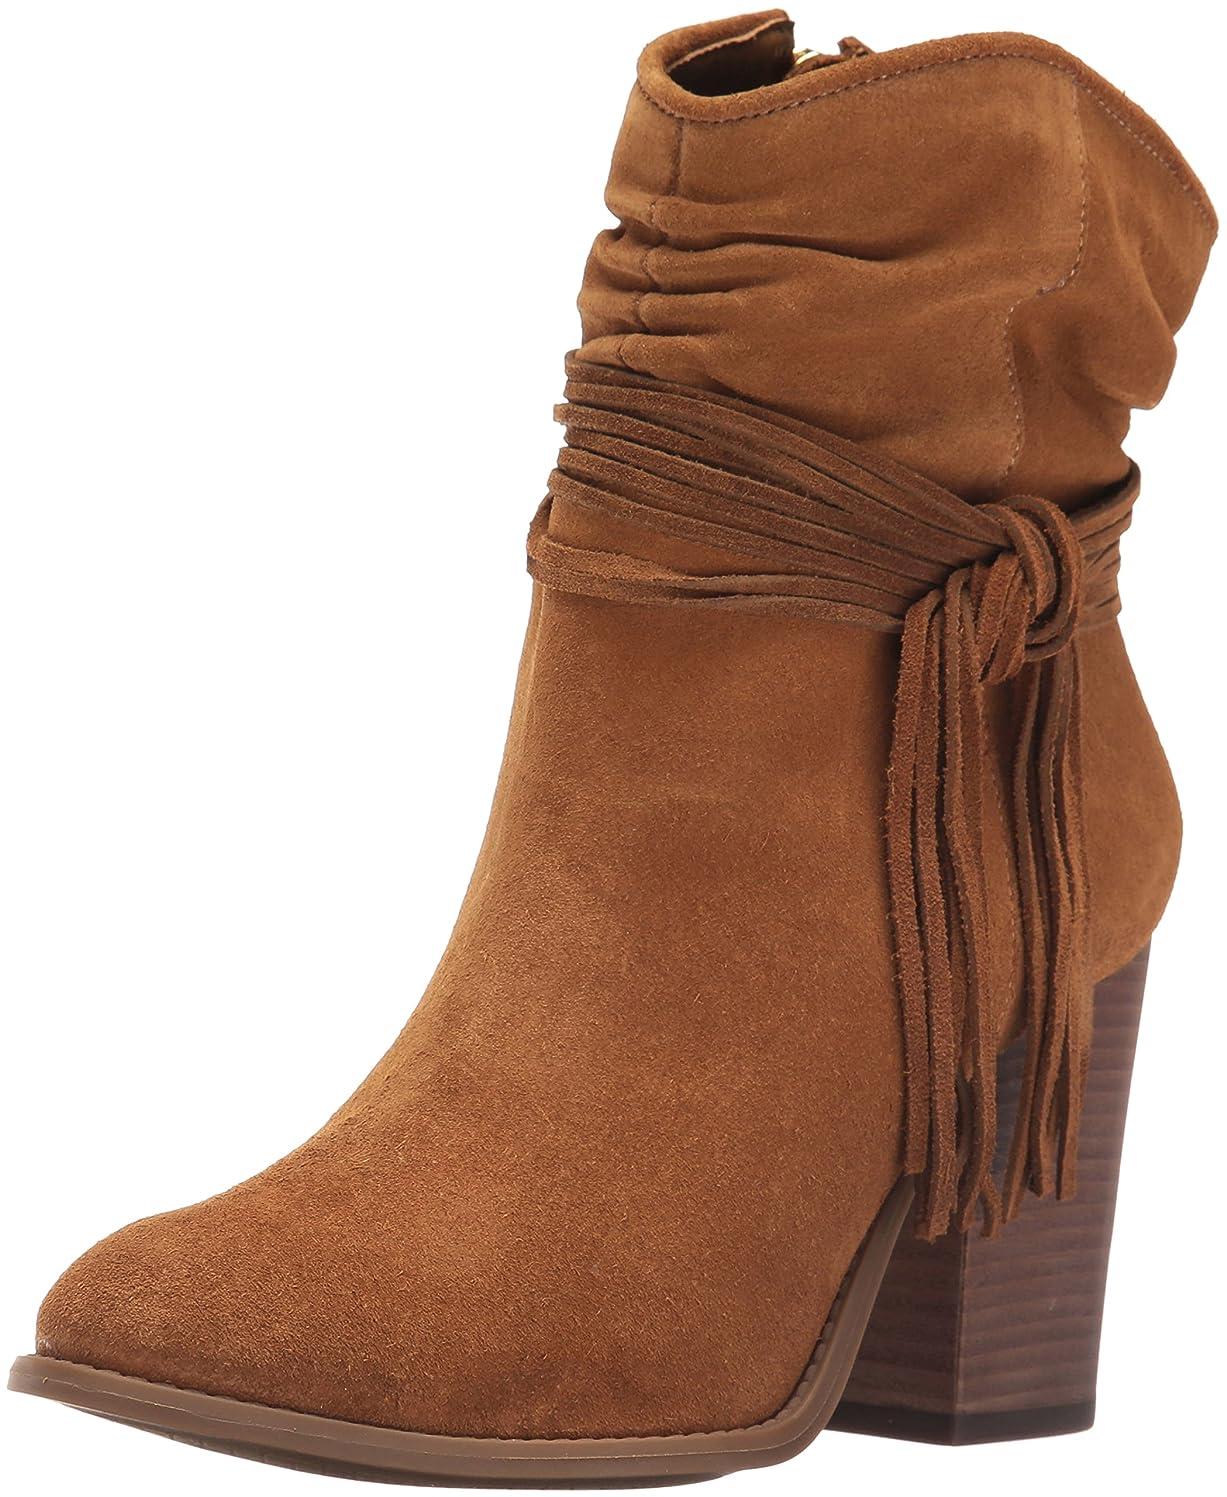 アクセル研究所他にJessica Simpson Womens Flat Sandals, Tan, Size 8.5